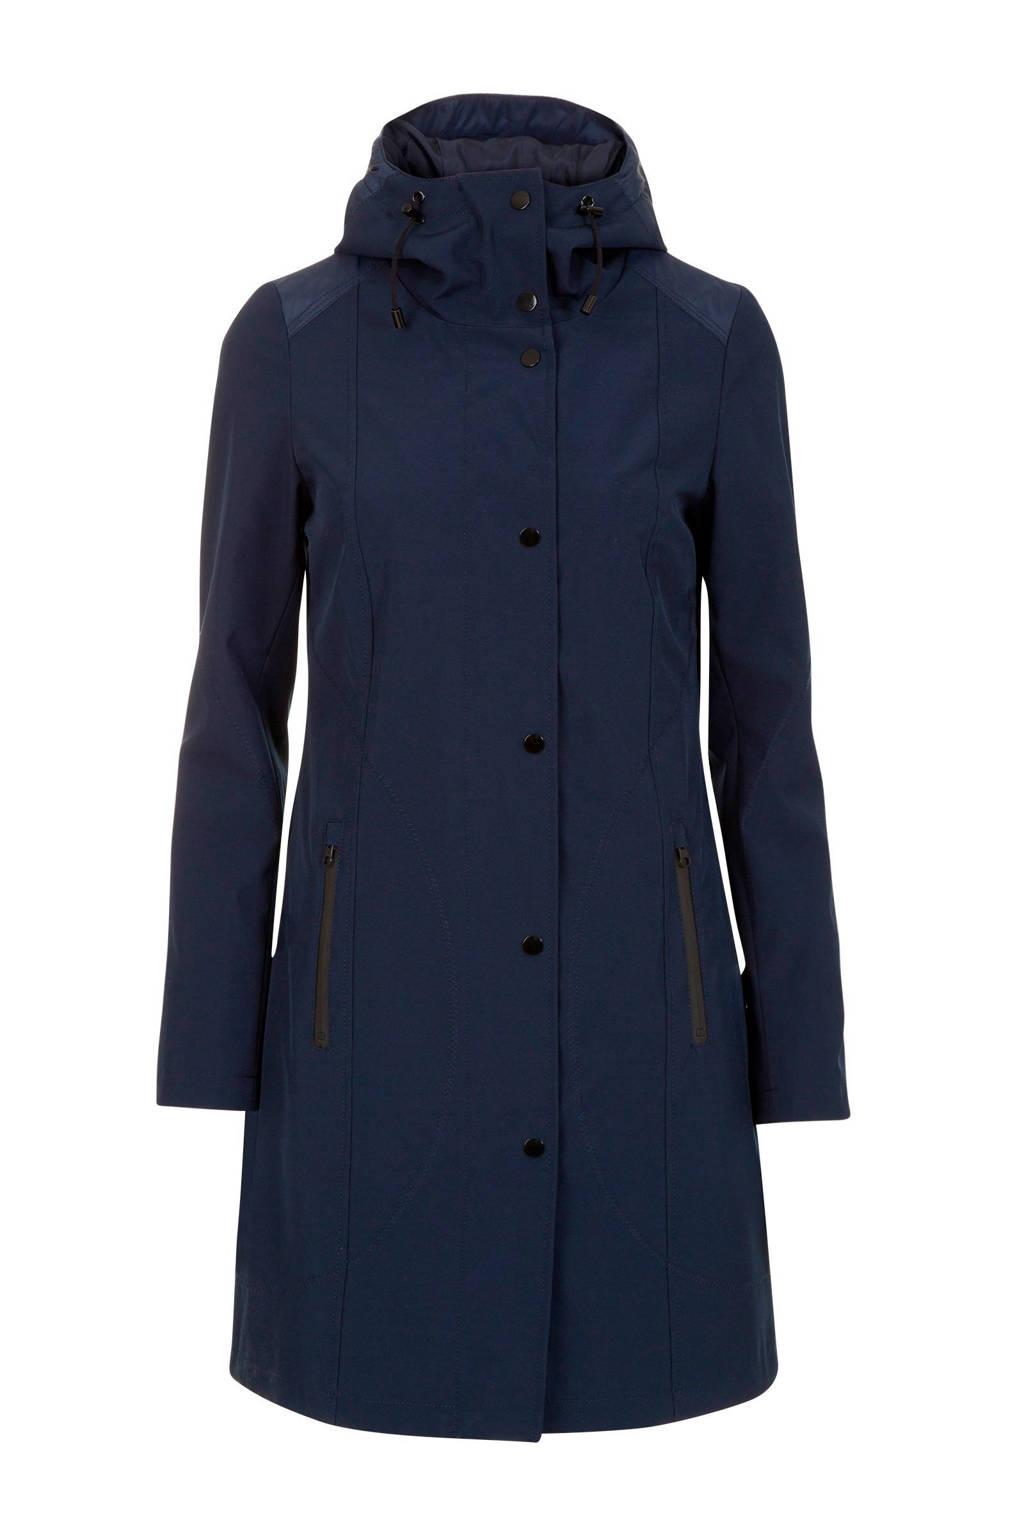 Miss Etam Regulier jas donkerblauw, Blauw